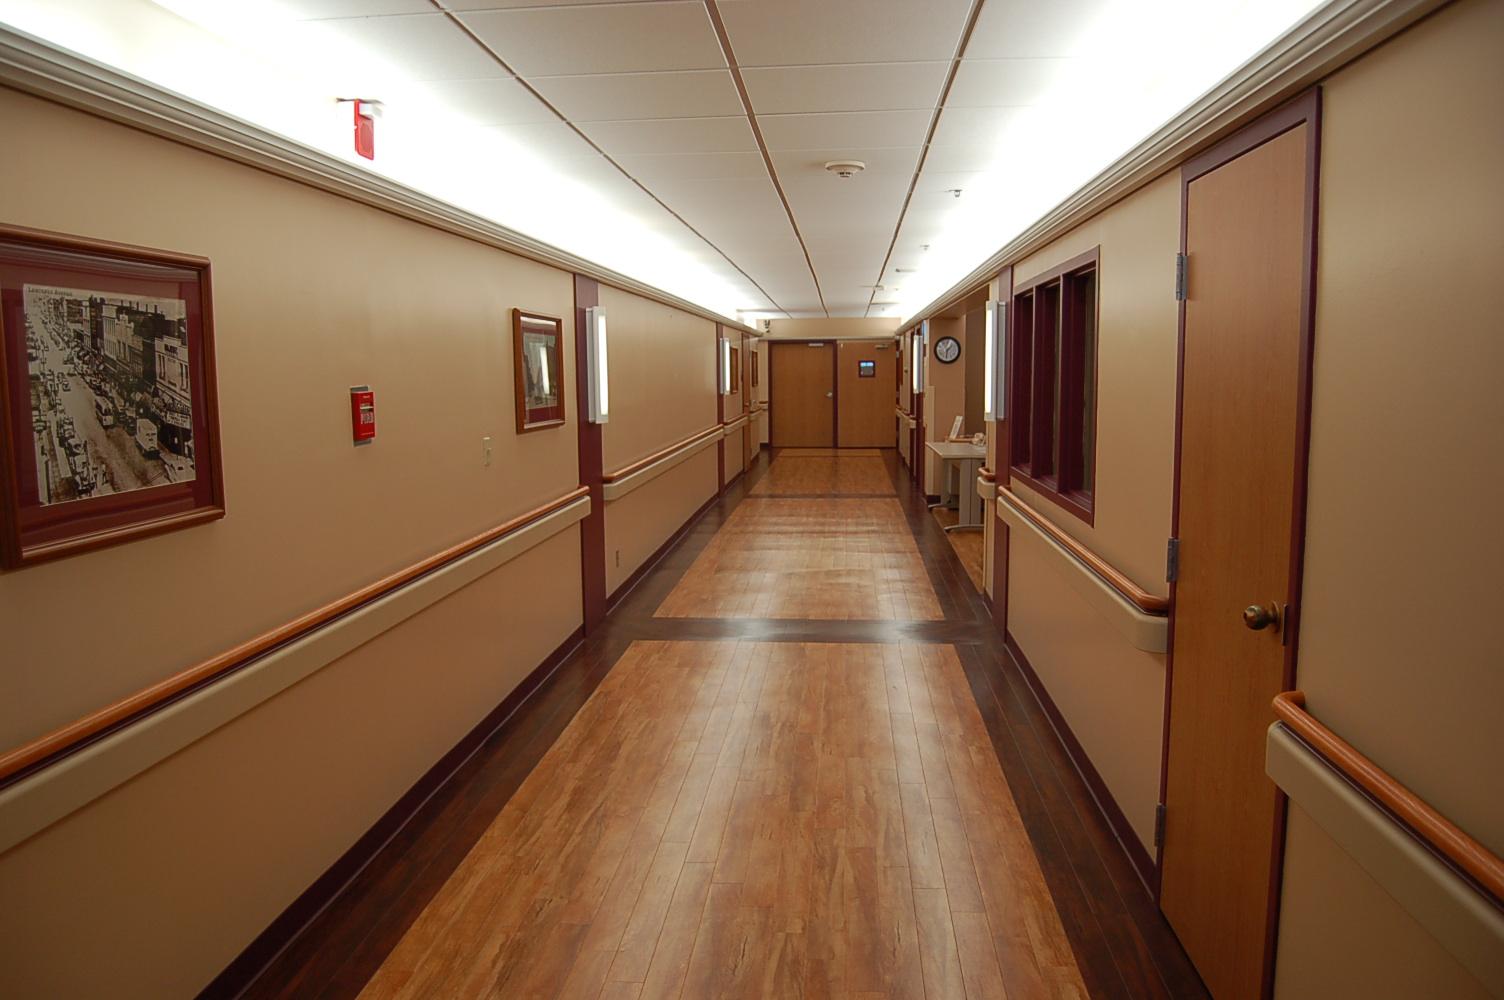 Ellwood City Hospital, Ellwood City, PA